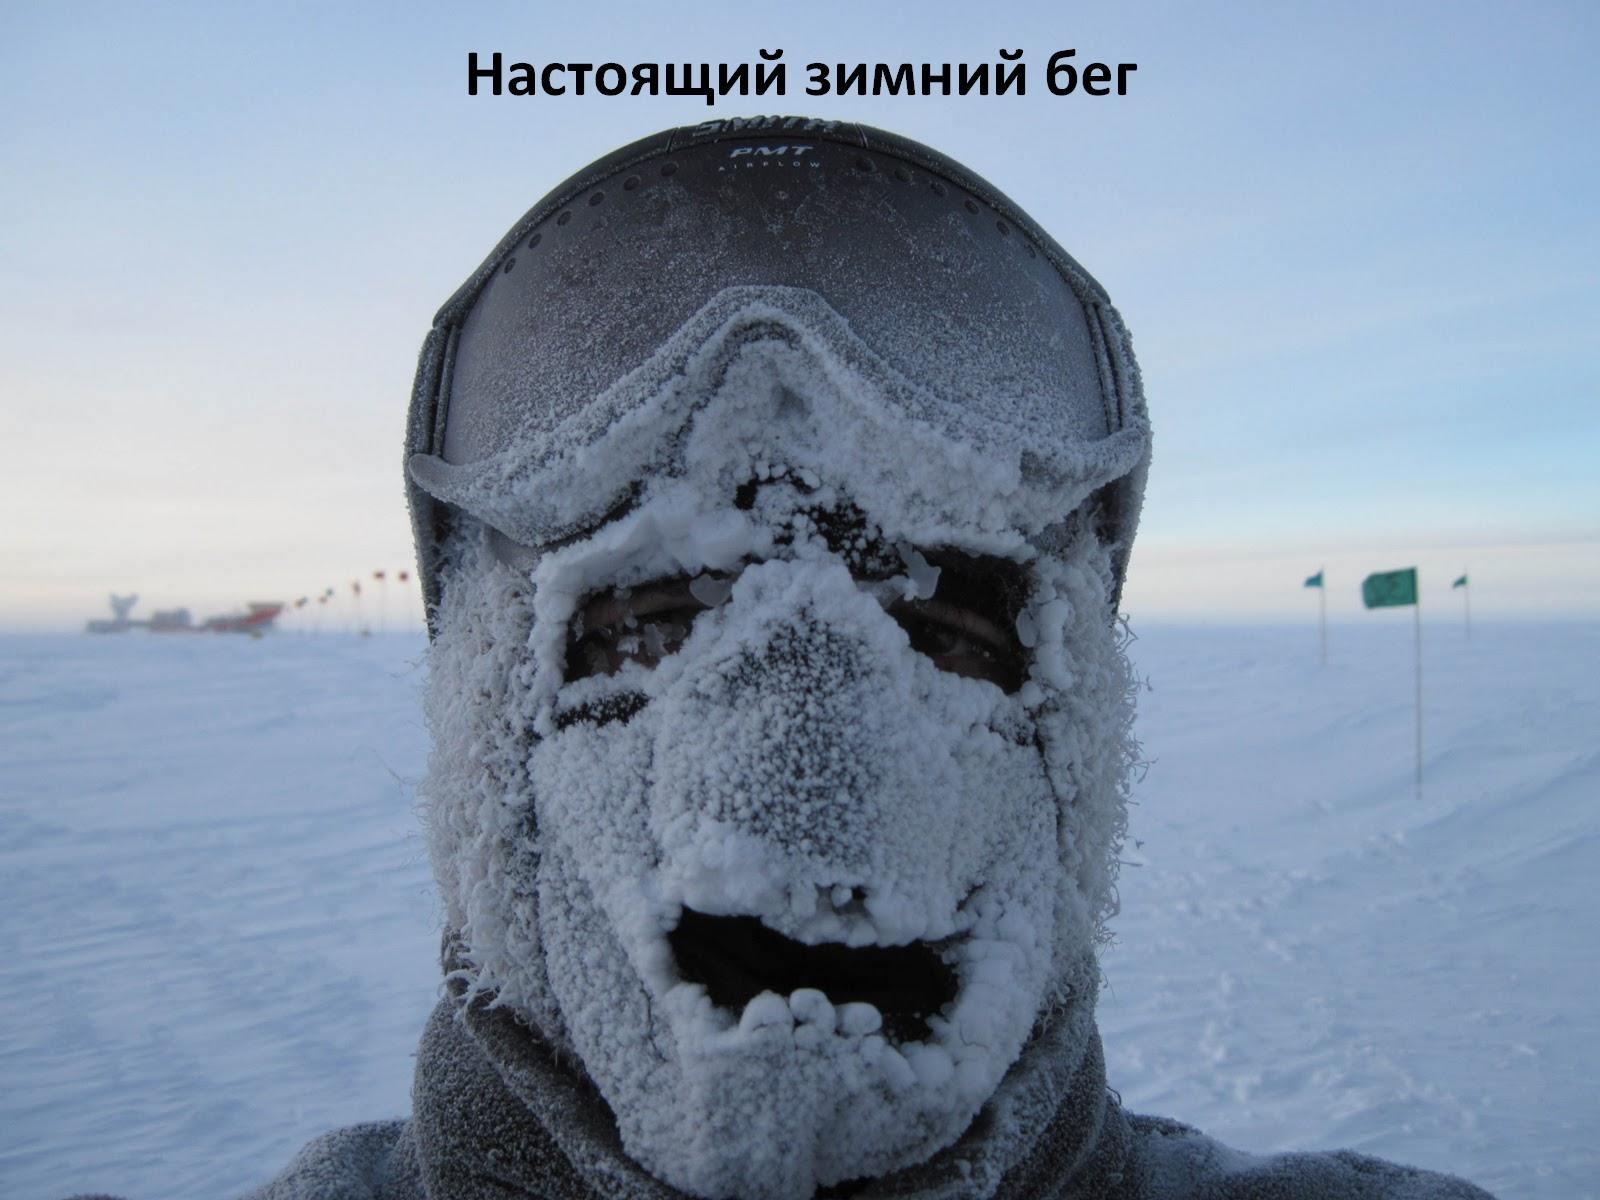 Маска для бега зимой